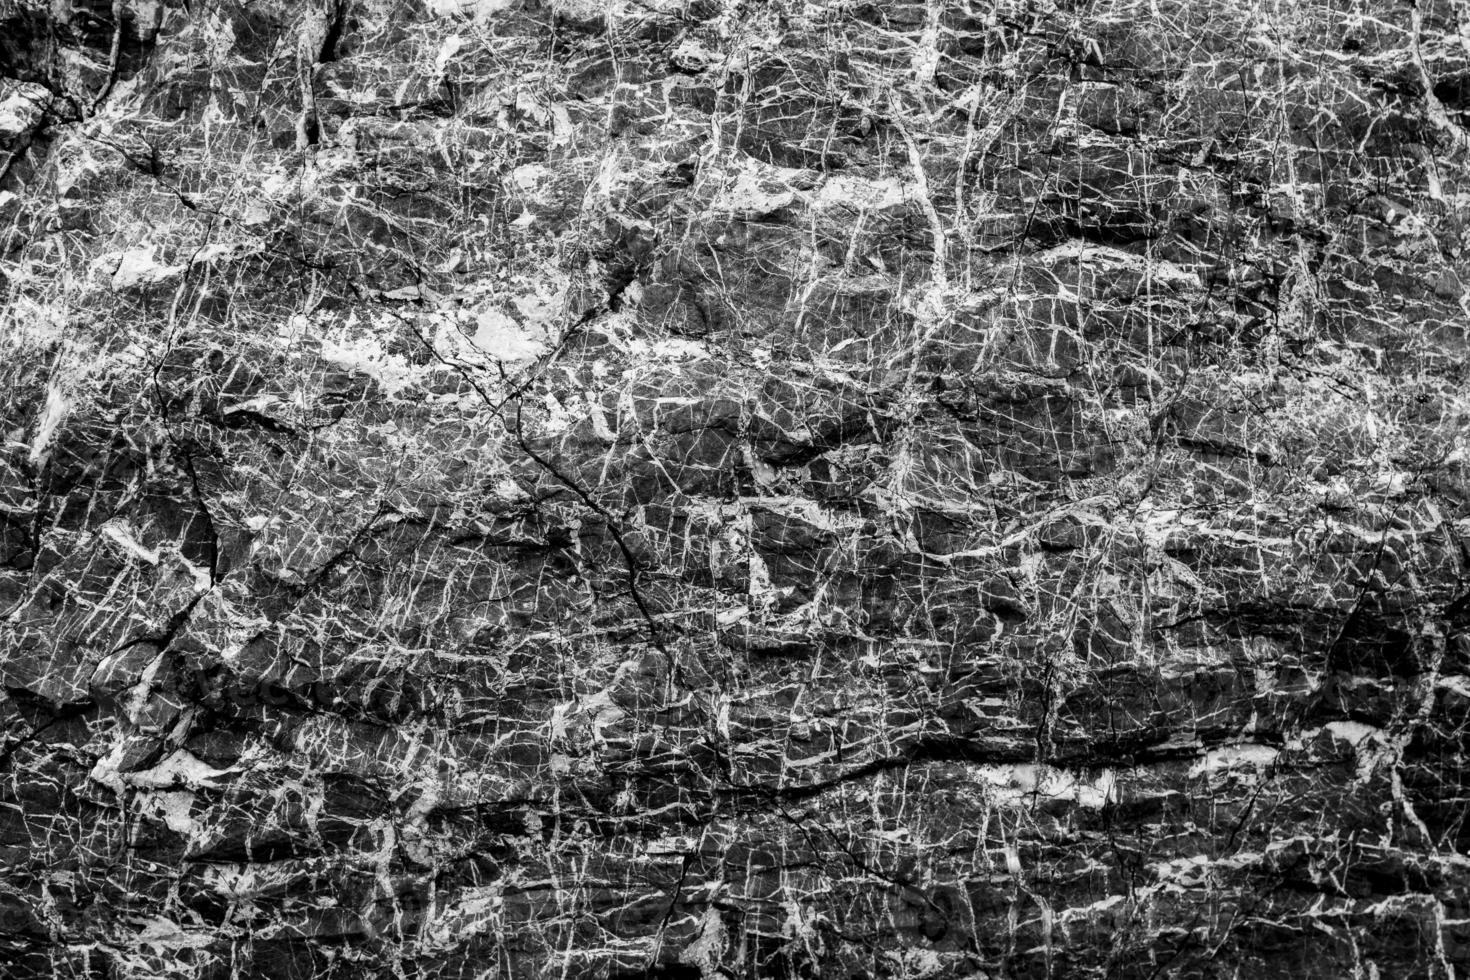 schwarze und weiße abstrakte Linien foto